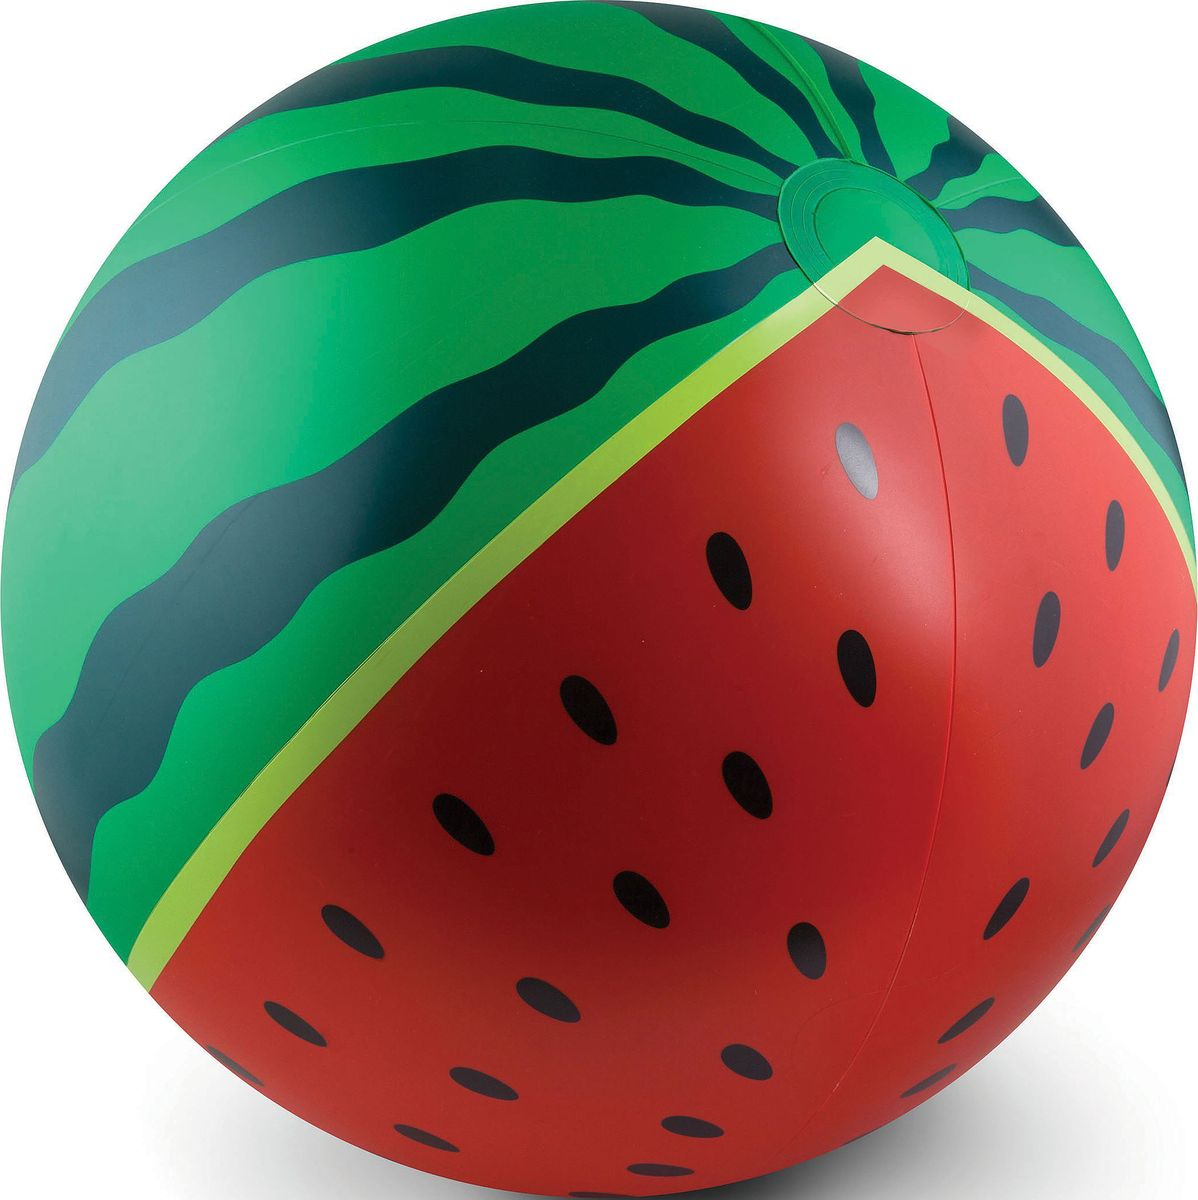 Мяч надувной BigMouth Watermelon, 46 смBMBBDHС надувными мячами Big Mouth вы сможете снова окунуться в атмосферу беззаботного детства. Это яркие и незаурядные изделия для детей и взрослых, которые станут достойным украшением любой пляжной вечеринки. Порадуйте себя, своих родных и друзей, устроив веселые игры на свежем воздухе: у бассейна, речки, на пруду или на берегу моря. Это прекрасная возможность разнообразить летний отдых, активно провести время и подарить своим близким незабываемые эмоции. Изделия выполнены из особо прочного винила, за счет чего обладают повышенной прочностью и износостойкостью. Благодаря улучшенной технике печати они отлично переносят длительное воздействие ультрафиолета, не теряя яркость цветов. При производстве компания уделяет пристальное внимание качеству и безопасности плавательных аксессуаров, поэтому каждый продукт проходит тщательные проверки и испытания на прочность.